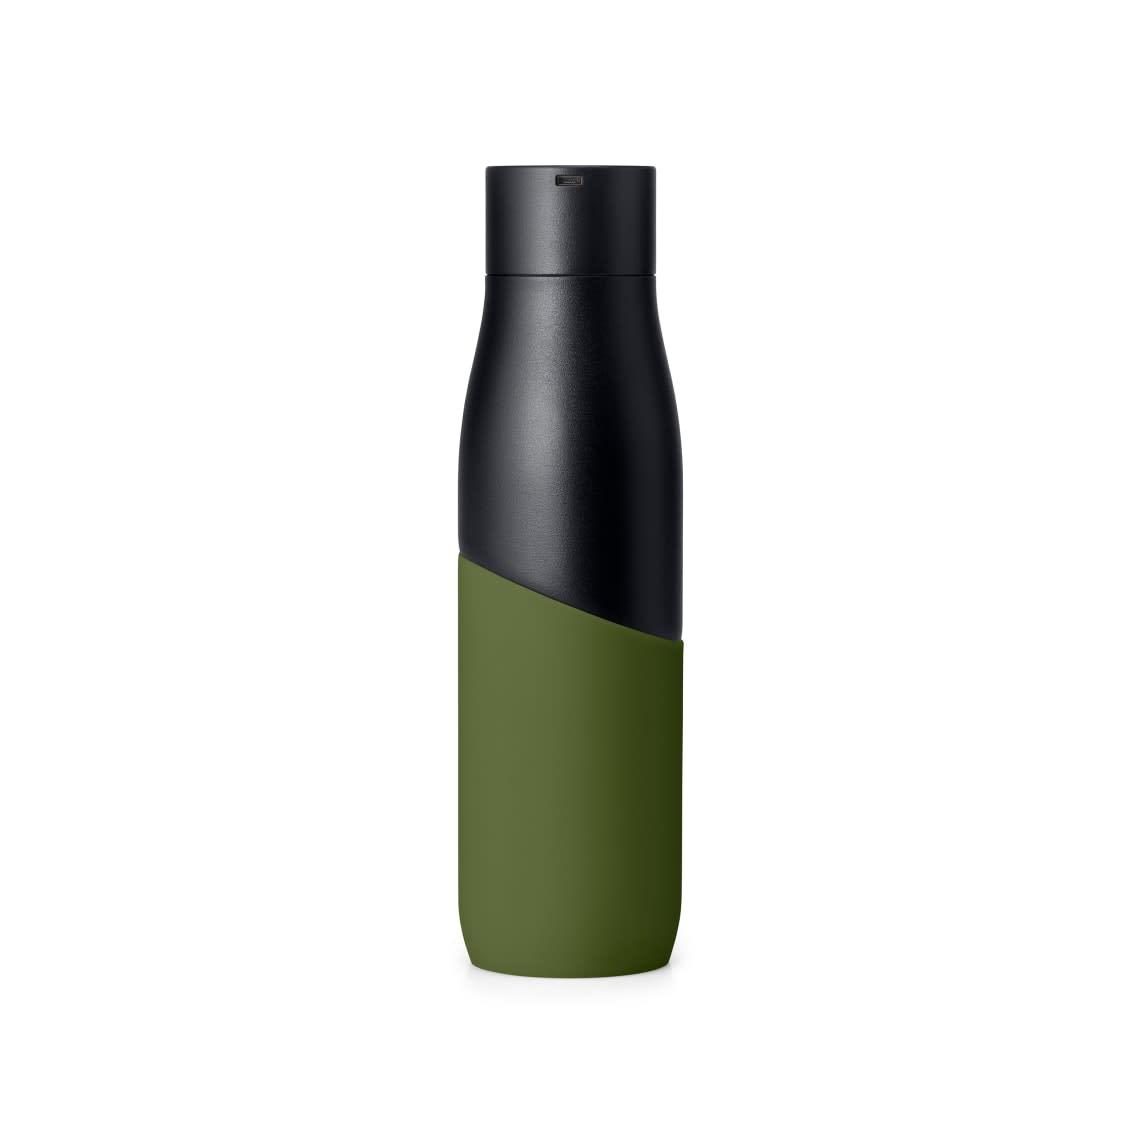 LARQ Bottle Movement PureVis - Black / Pine